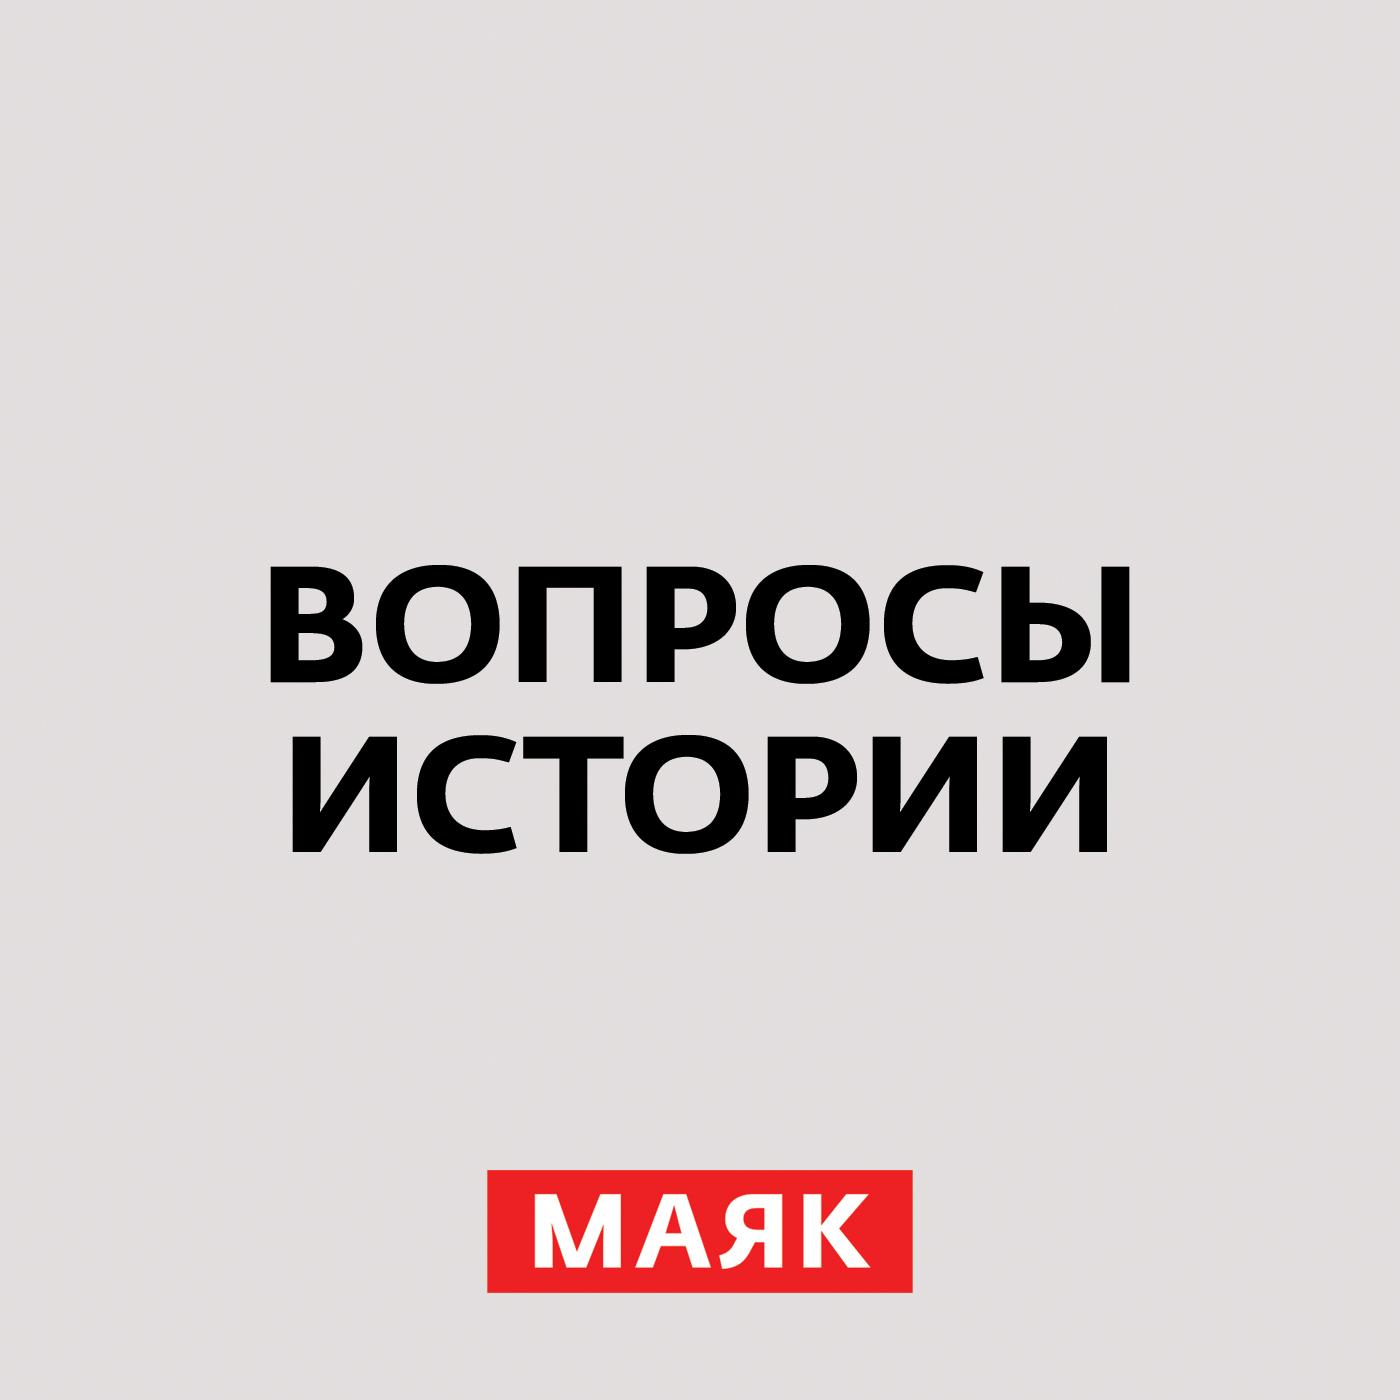 Андрей Светенко Речь Сталина 3 июля: почему каждый абзац вызывает недовольство. Часть 3 андрей светенко 22 июня 1941 года – незаживающая рана истории